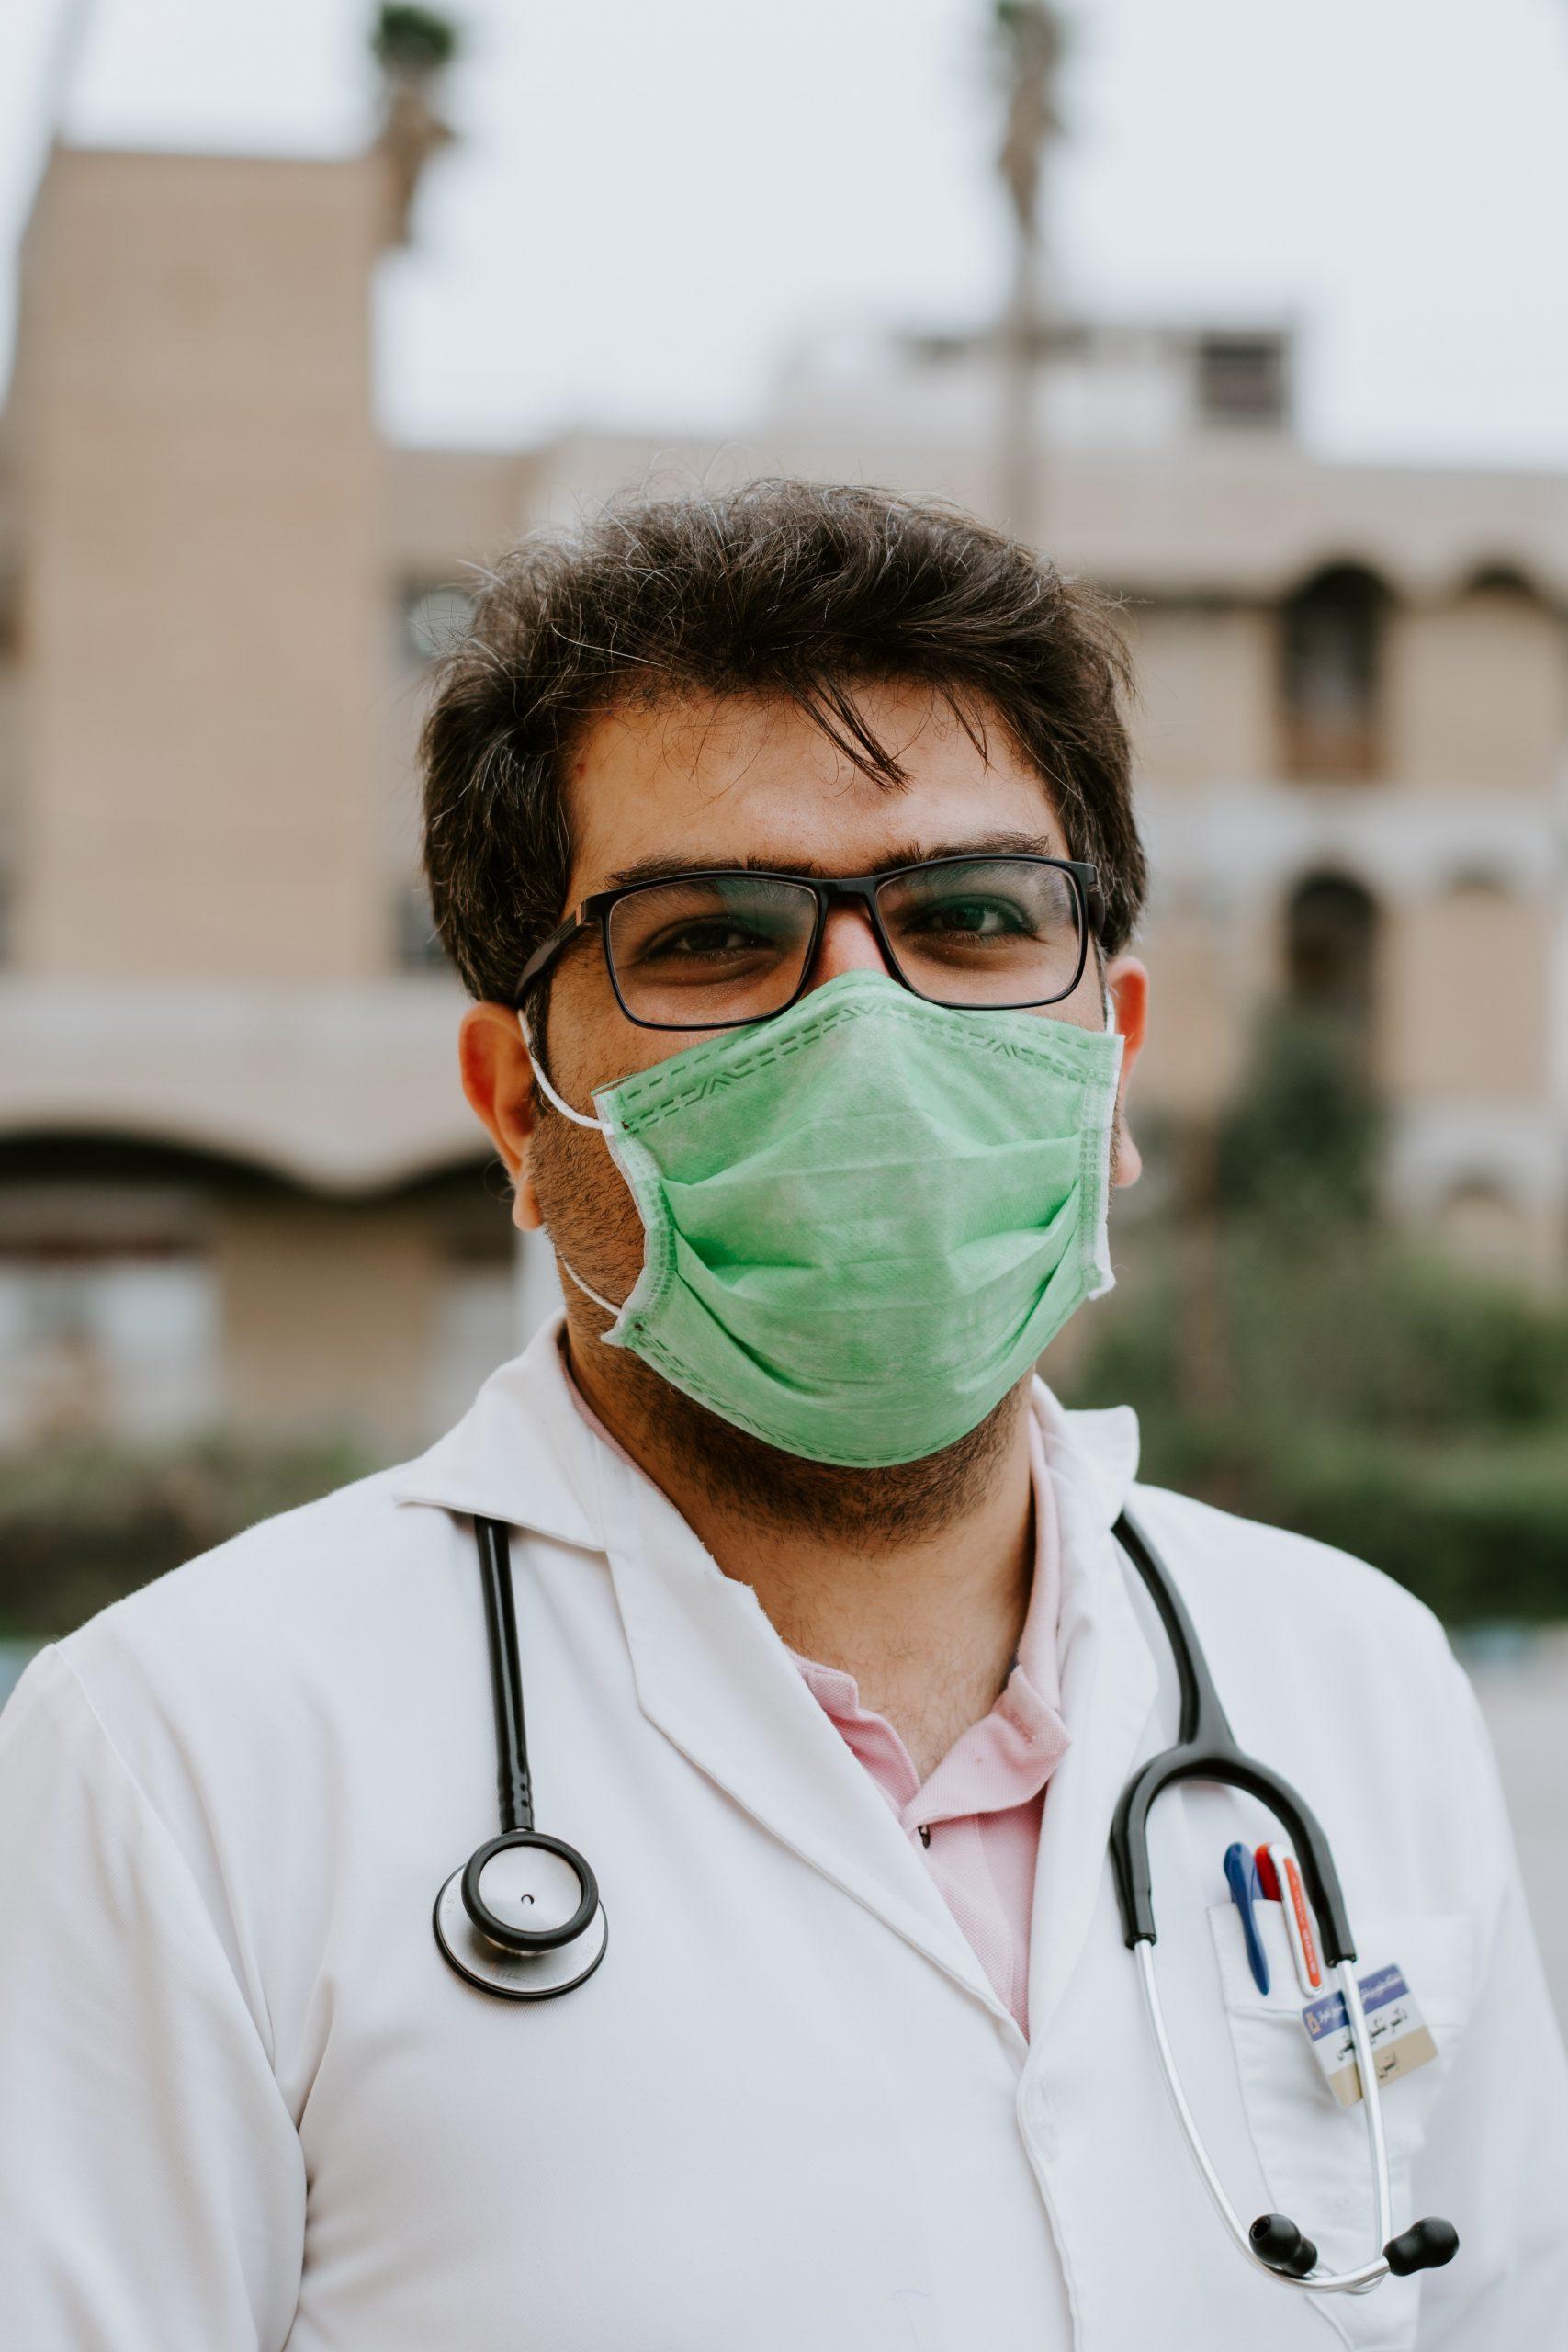 ShockOzone Corona Virus Disinfection